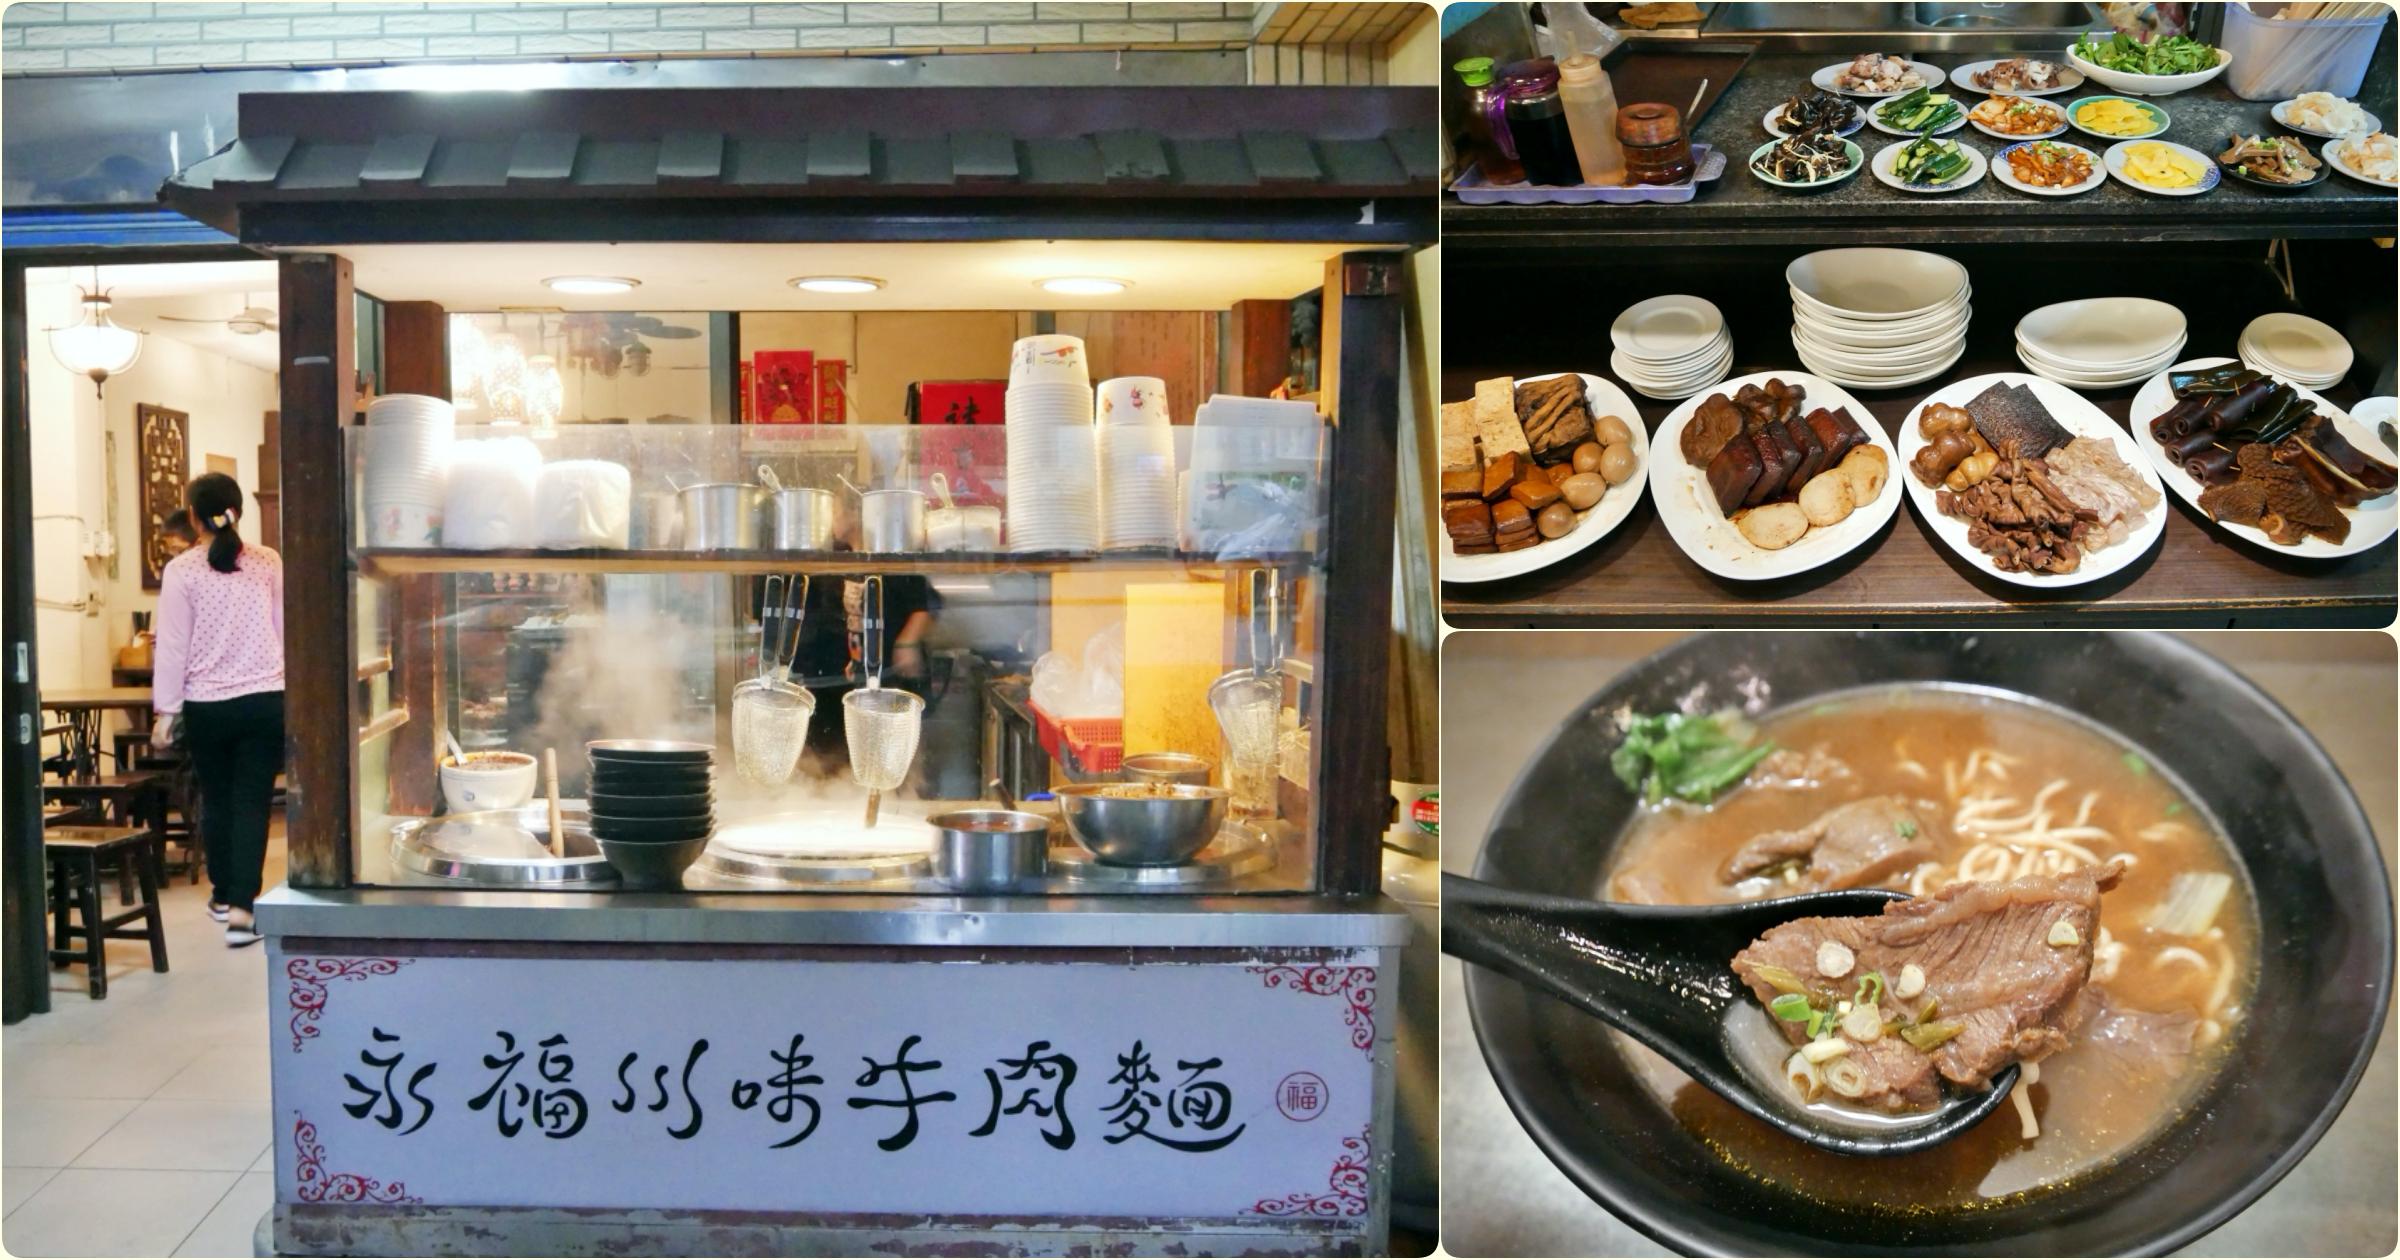 最新推播訊息:[八德美食]永福川味牛肉麵|鄰近廣豐新天地的隱藏巷弄美食~清爽好喝的牛肉湯.小菜選擇種類多